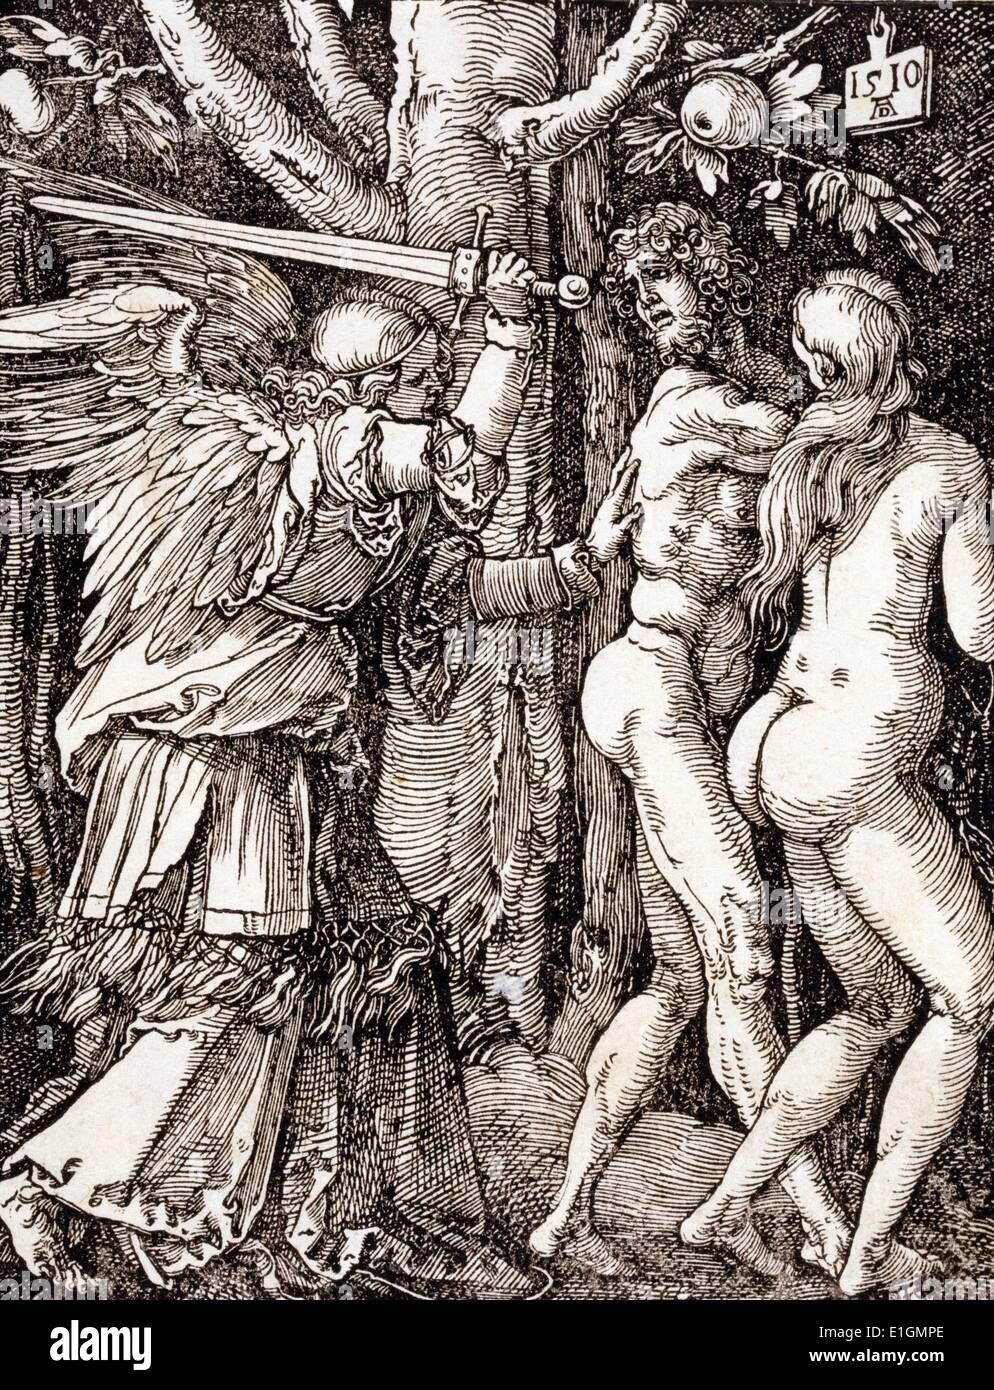 Kleine Leidenschaft. Die Vertreibung aus dem Paradies 1510. Von Albrecht Dürer (1471-1528). Datierte 1510 Stockbild